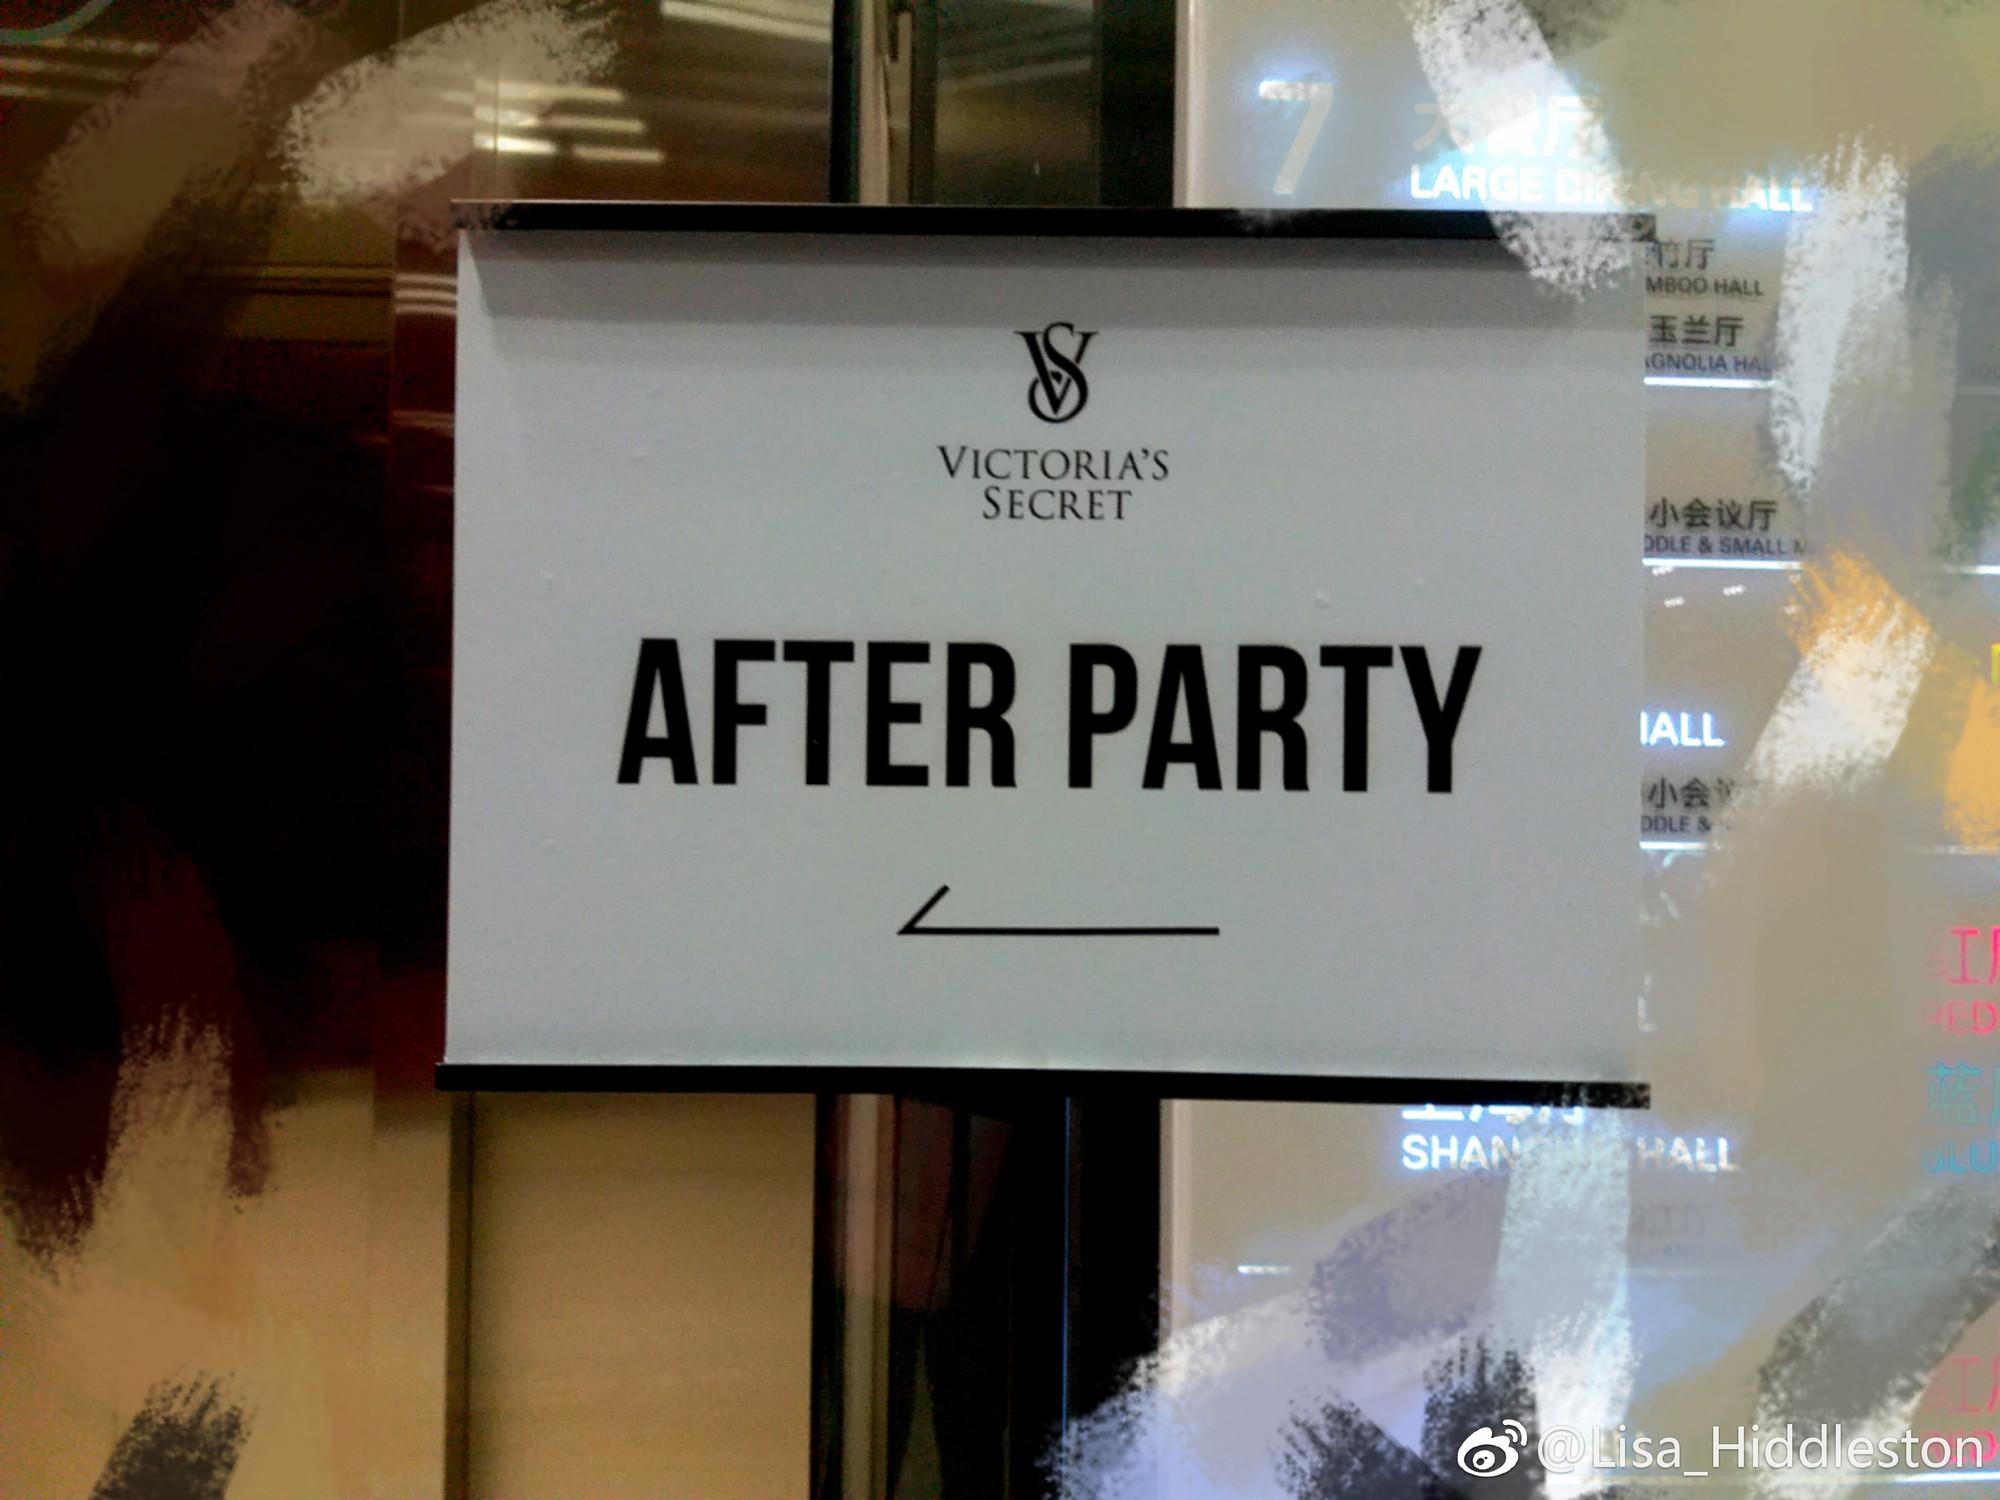 Chưa bao giờ có trong lịch sử: Tiệc After Party của Victorias Secret bất ngờ bị cảnh sát ập vào yêu cầu dừng lại vì quá ồn - Ảnh 2.